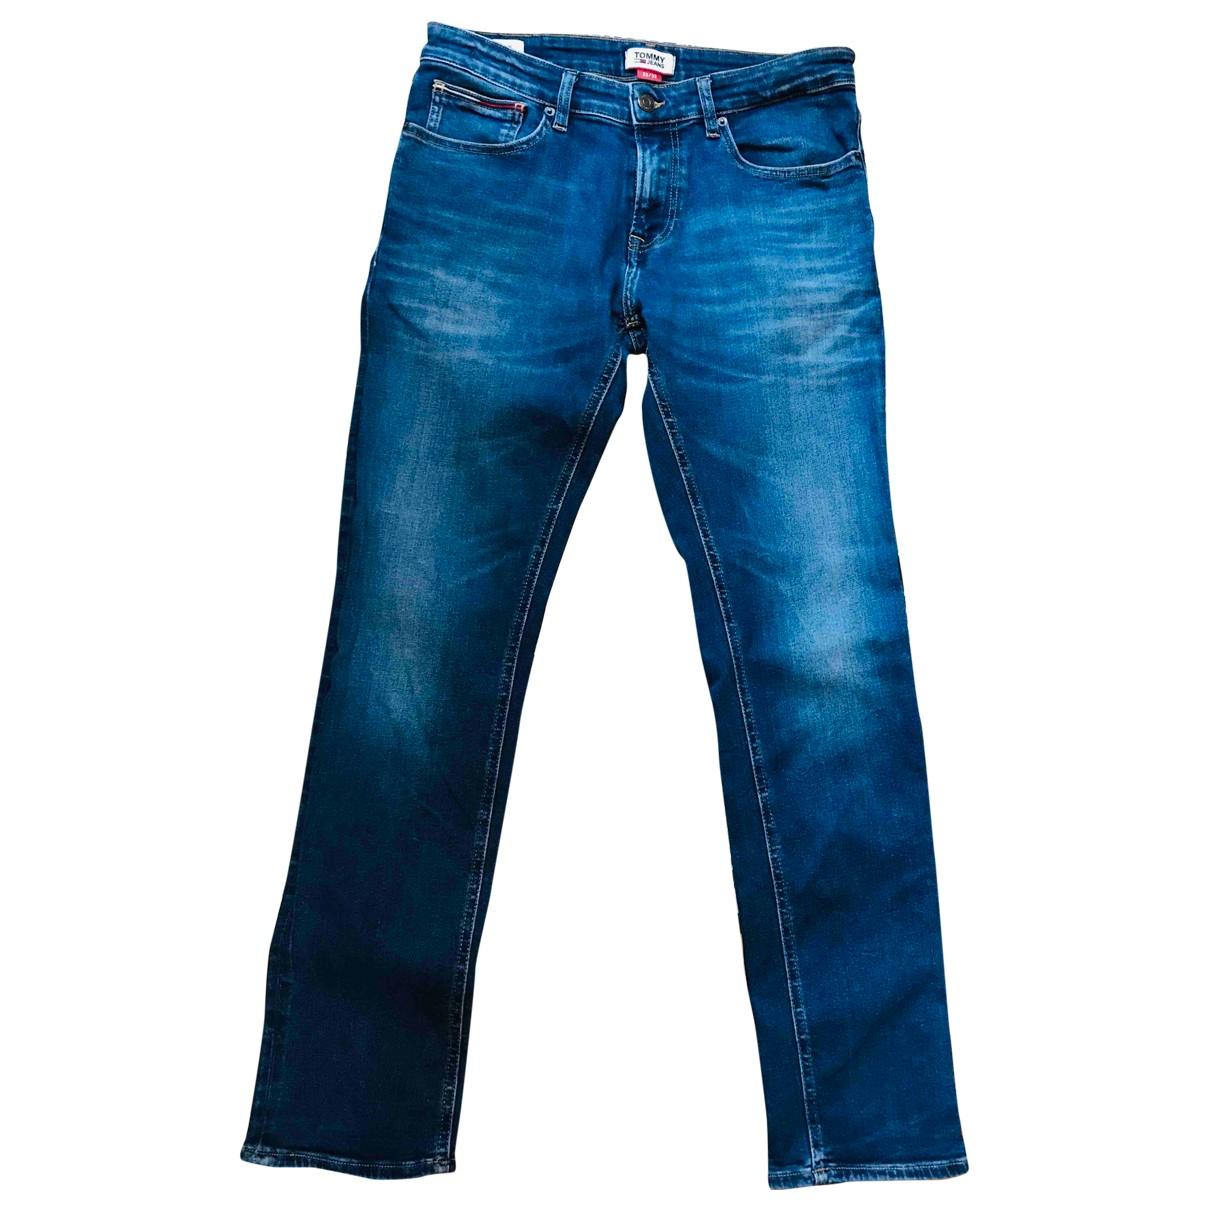 Tommy Hilfiger \N Blue Cotton Jeans for Men M International